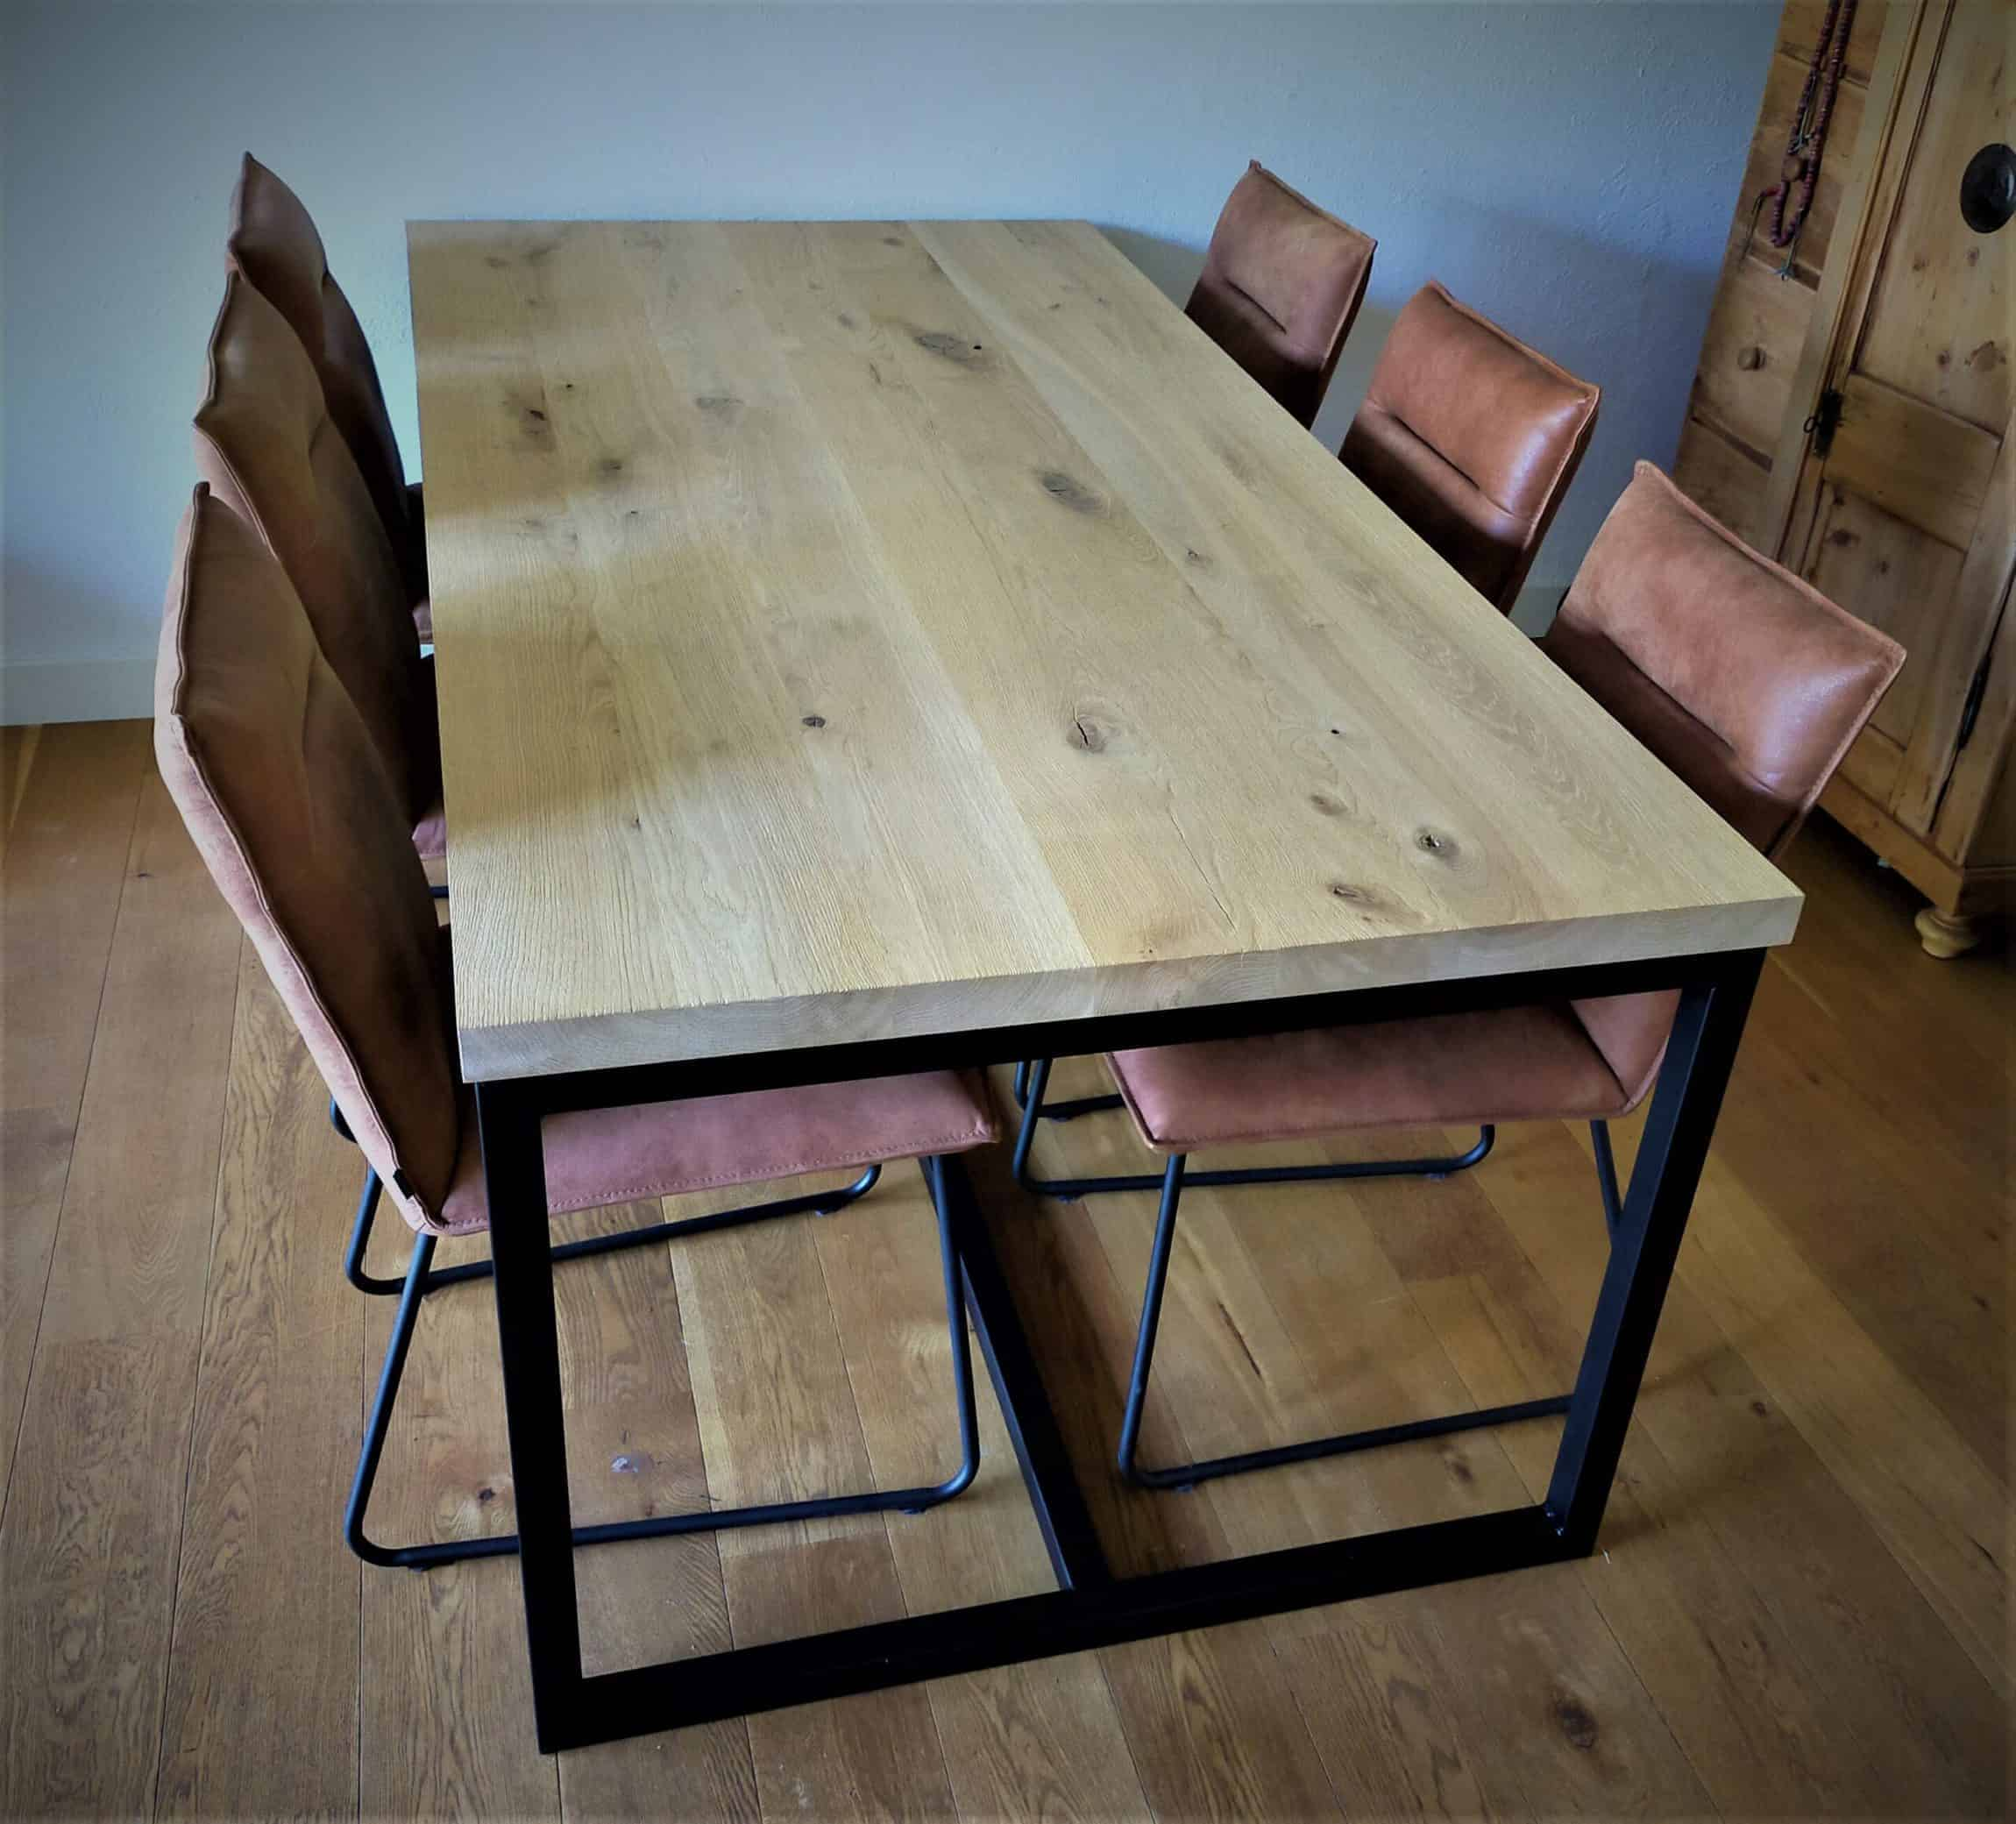 Rustiek eiken op tafelframe. Afwerking: geborsteld met matte lak. 2x1m